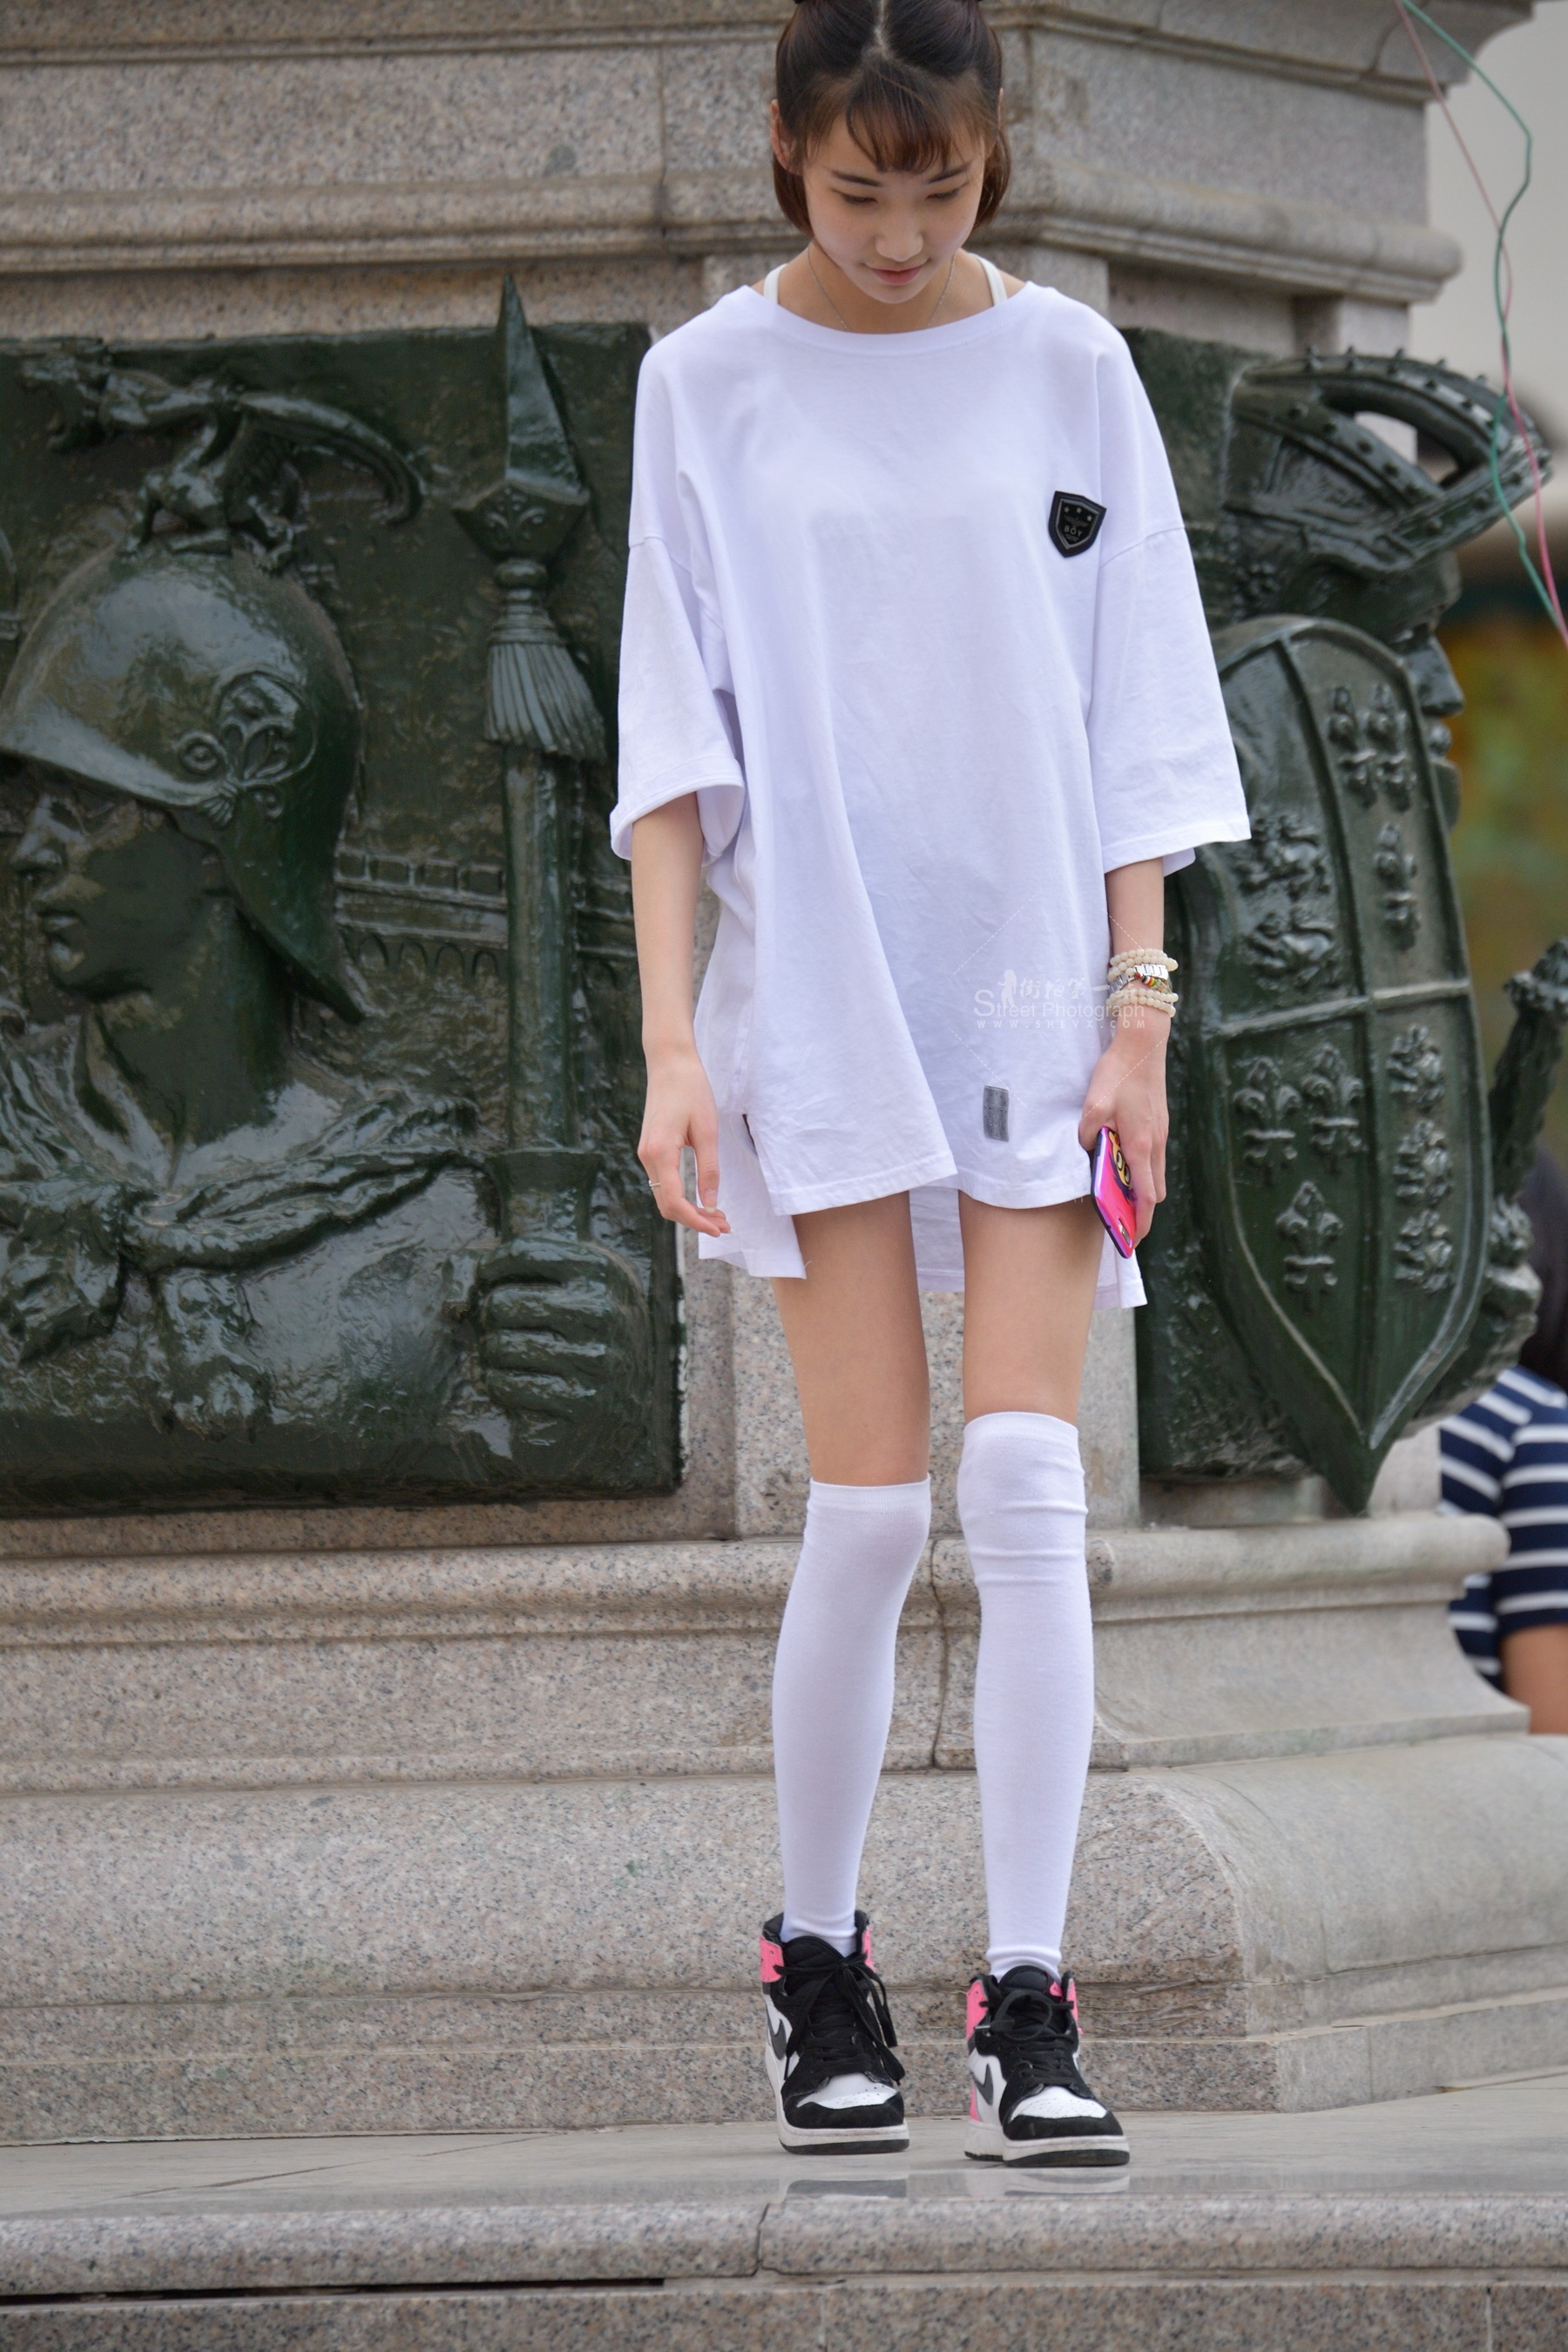 白衫白丝 街拍美女图片发布 街拍丝袜第一站